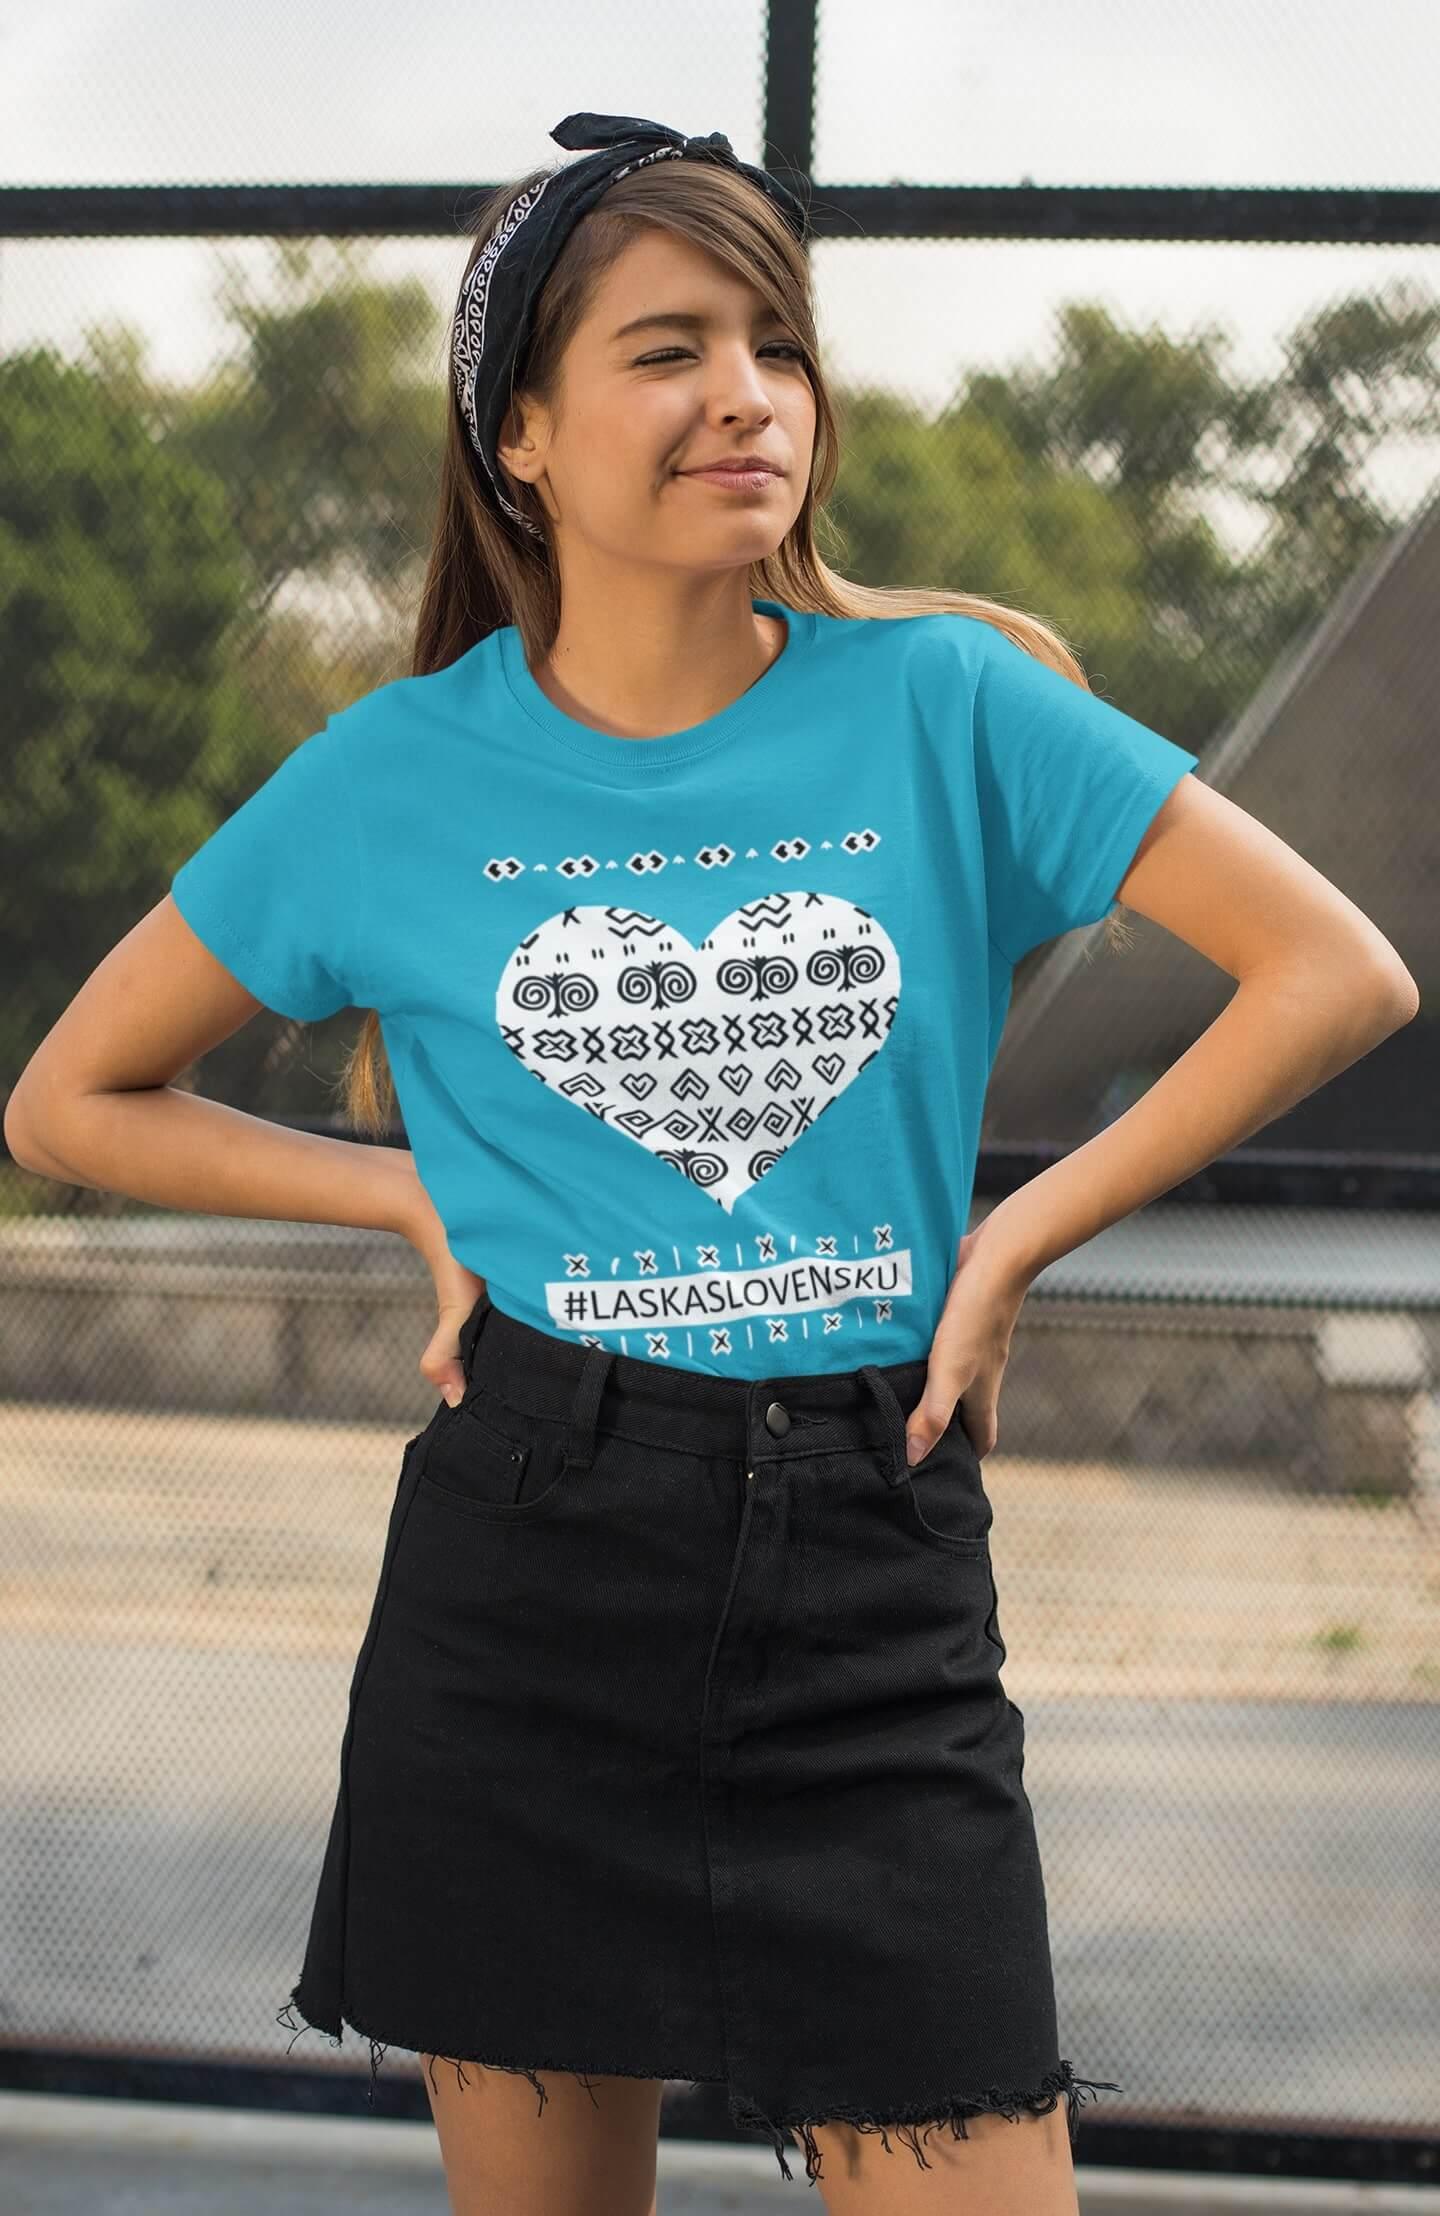 MMO Dámske tričko Láska Slovensku Vyberte farbu: Tyrkysová, Vyberte veľkosť: XS